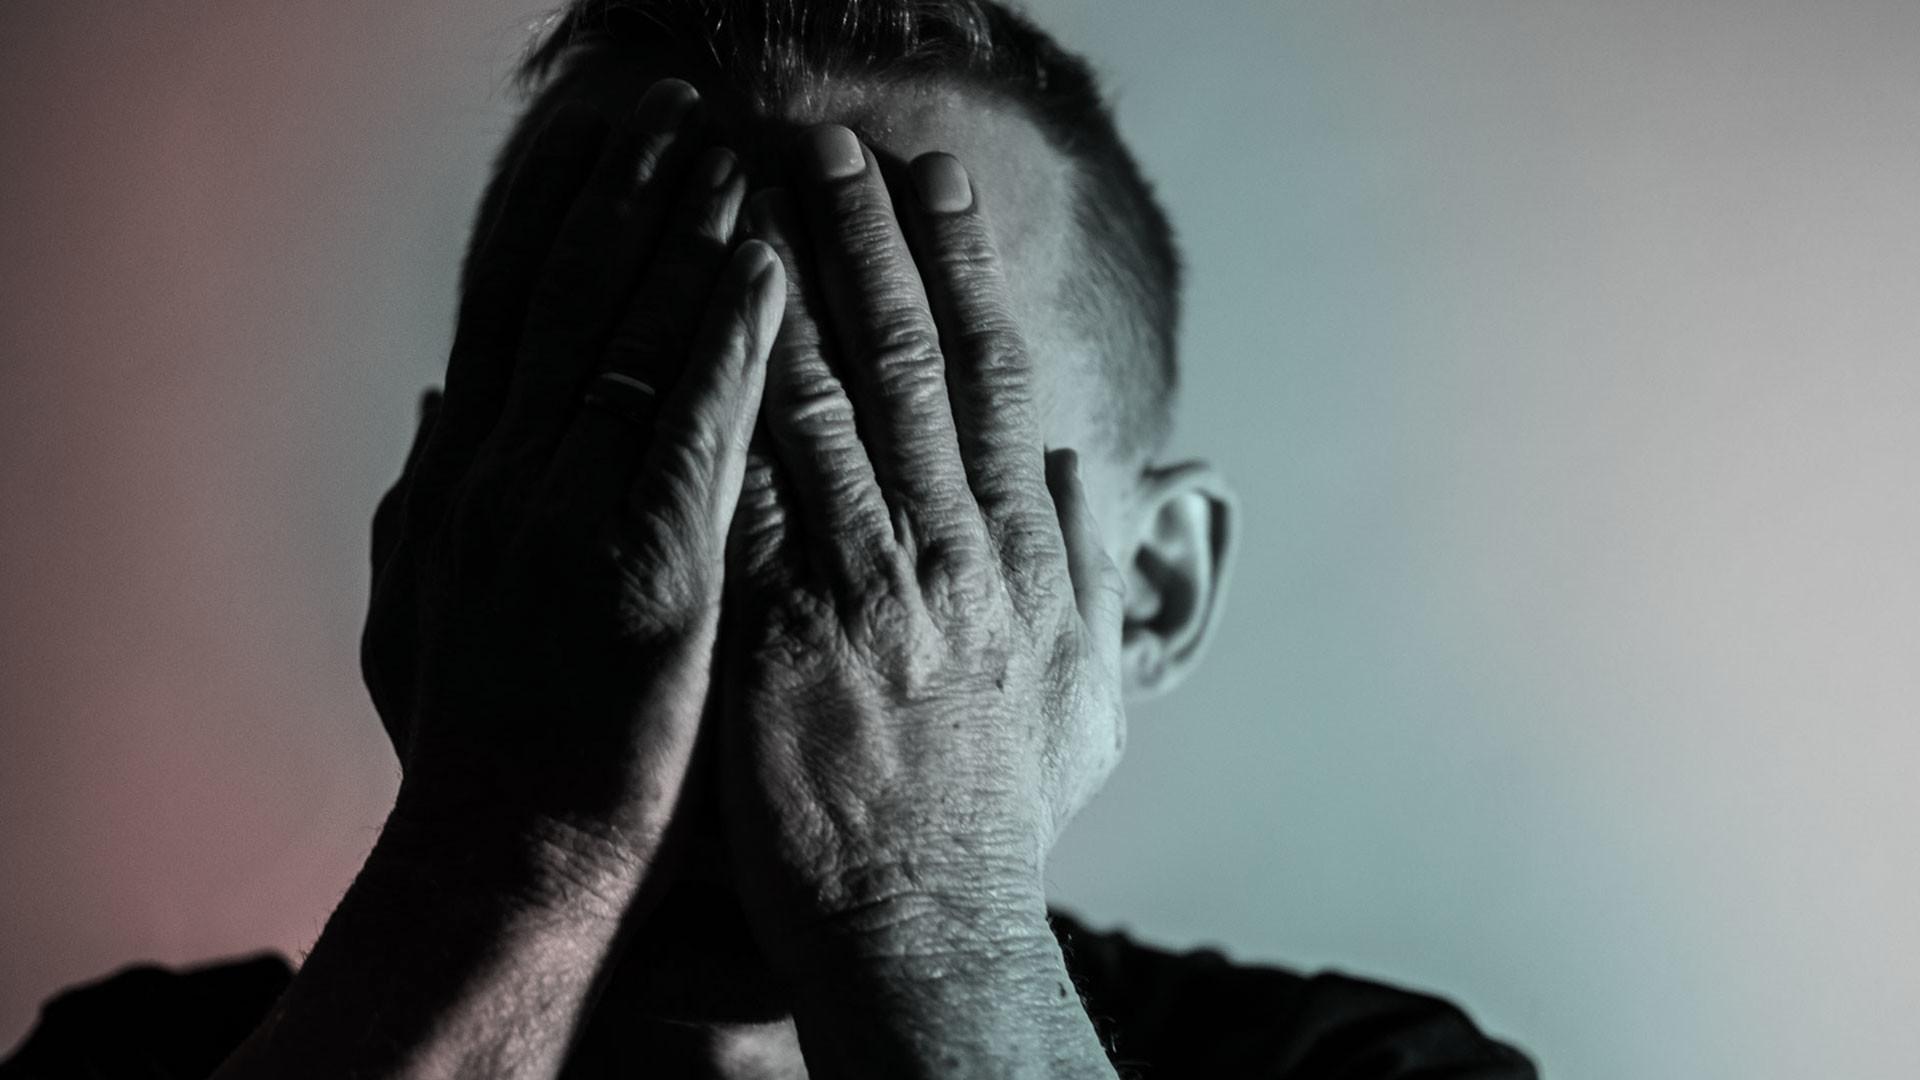 Divorcio, enfermedad, muerte: ¿cómo superar los golpes más duros de la vida?